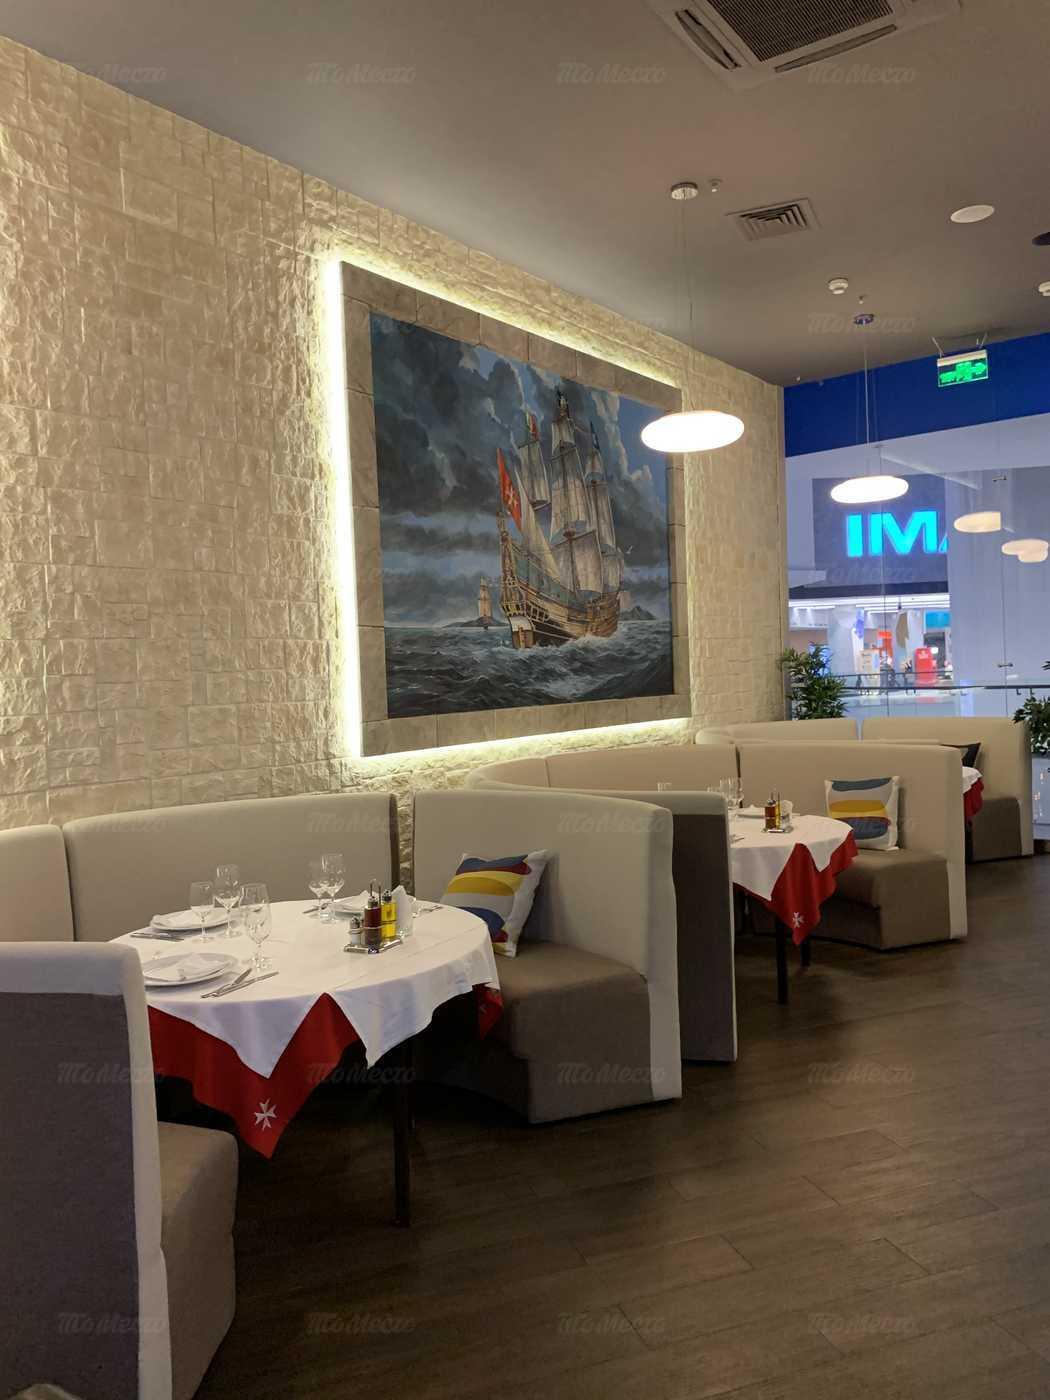 Ресторан Порто Мальтезе (Porto Maltese) на Кутузовском проспекте